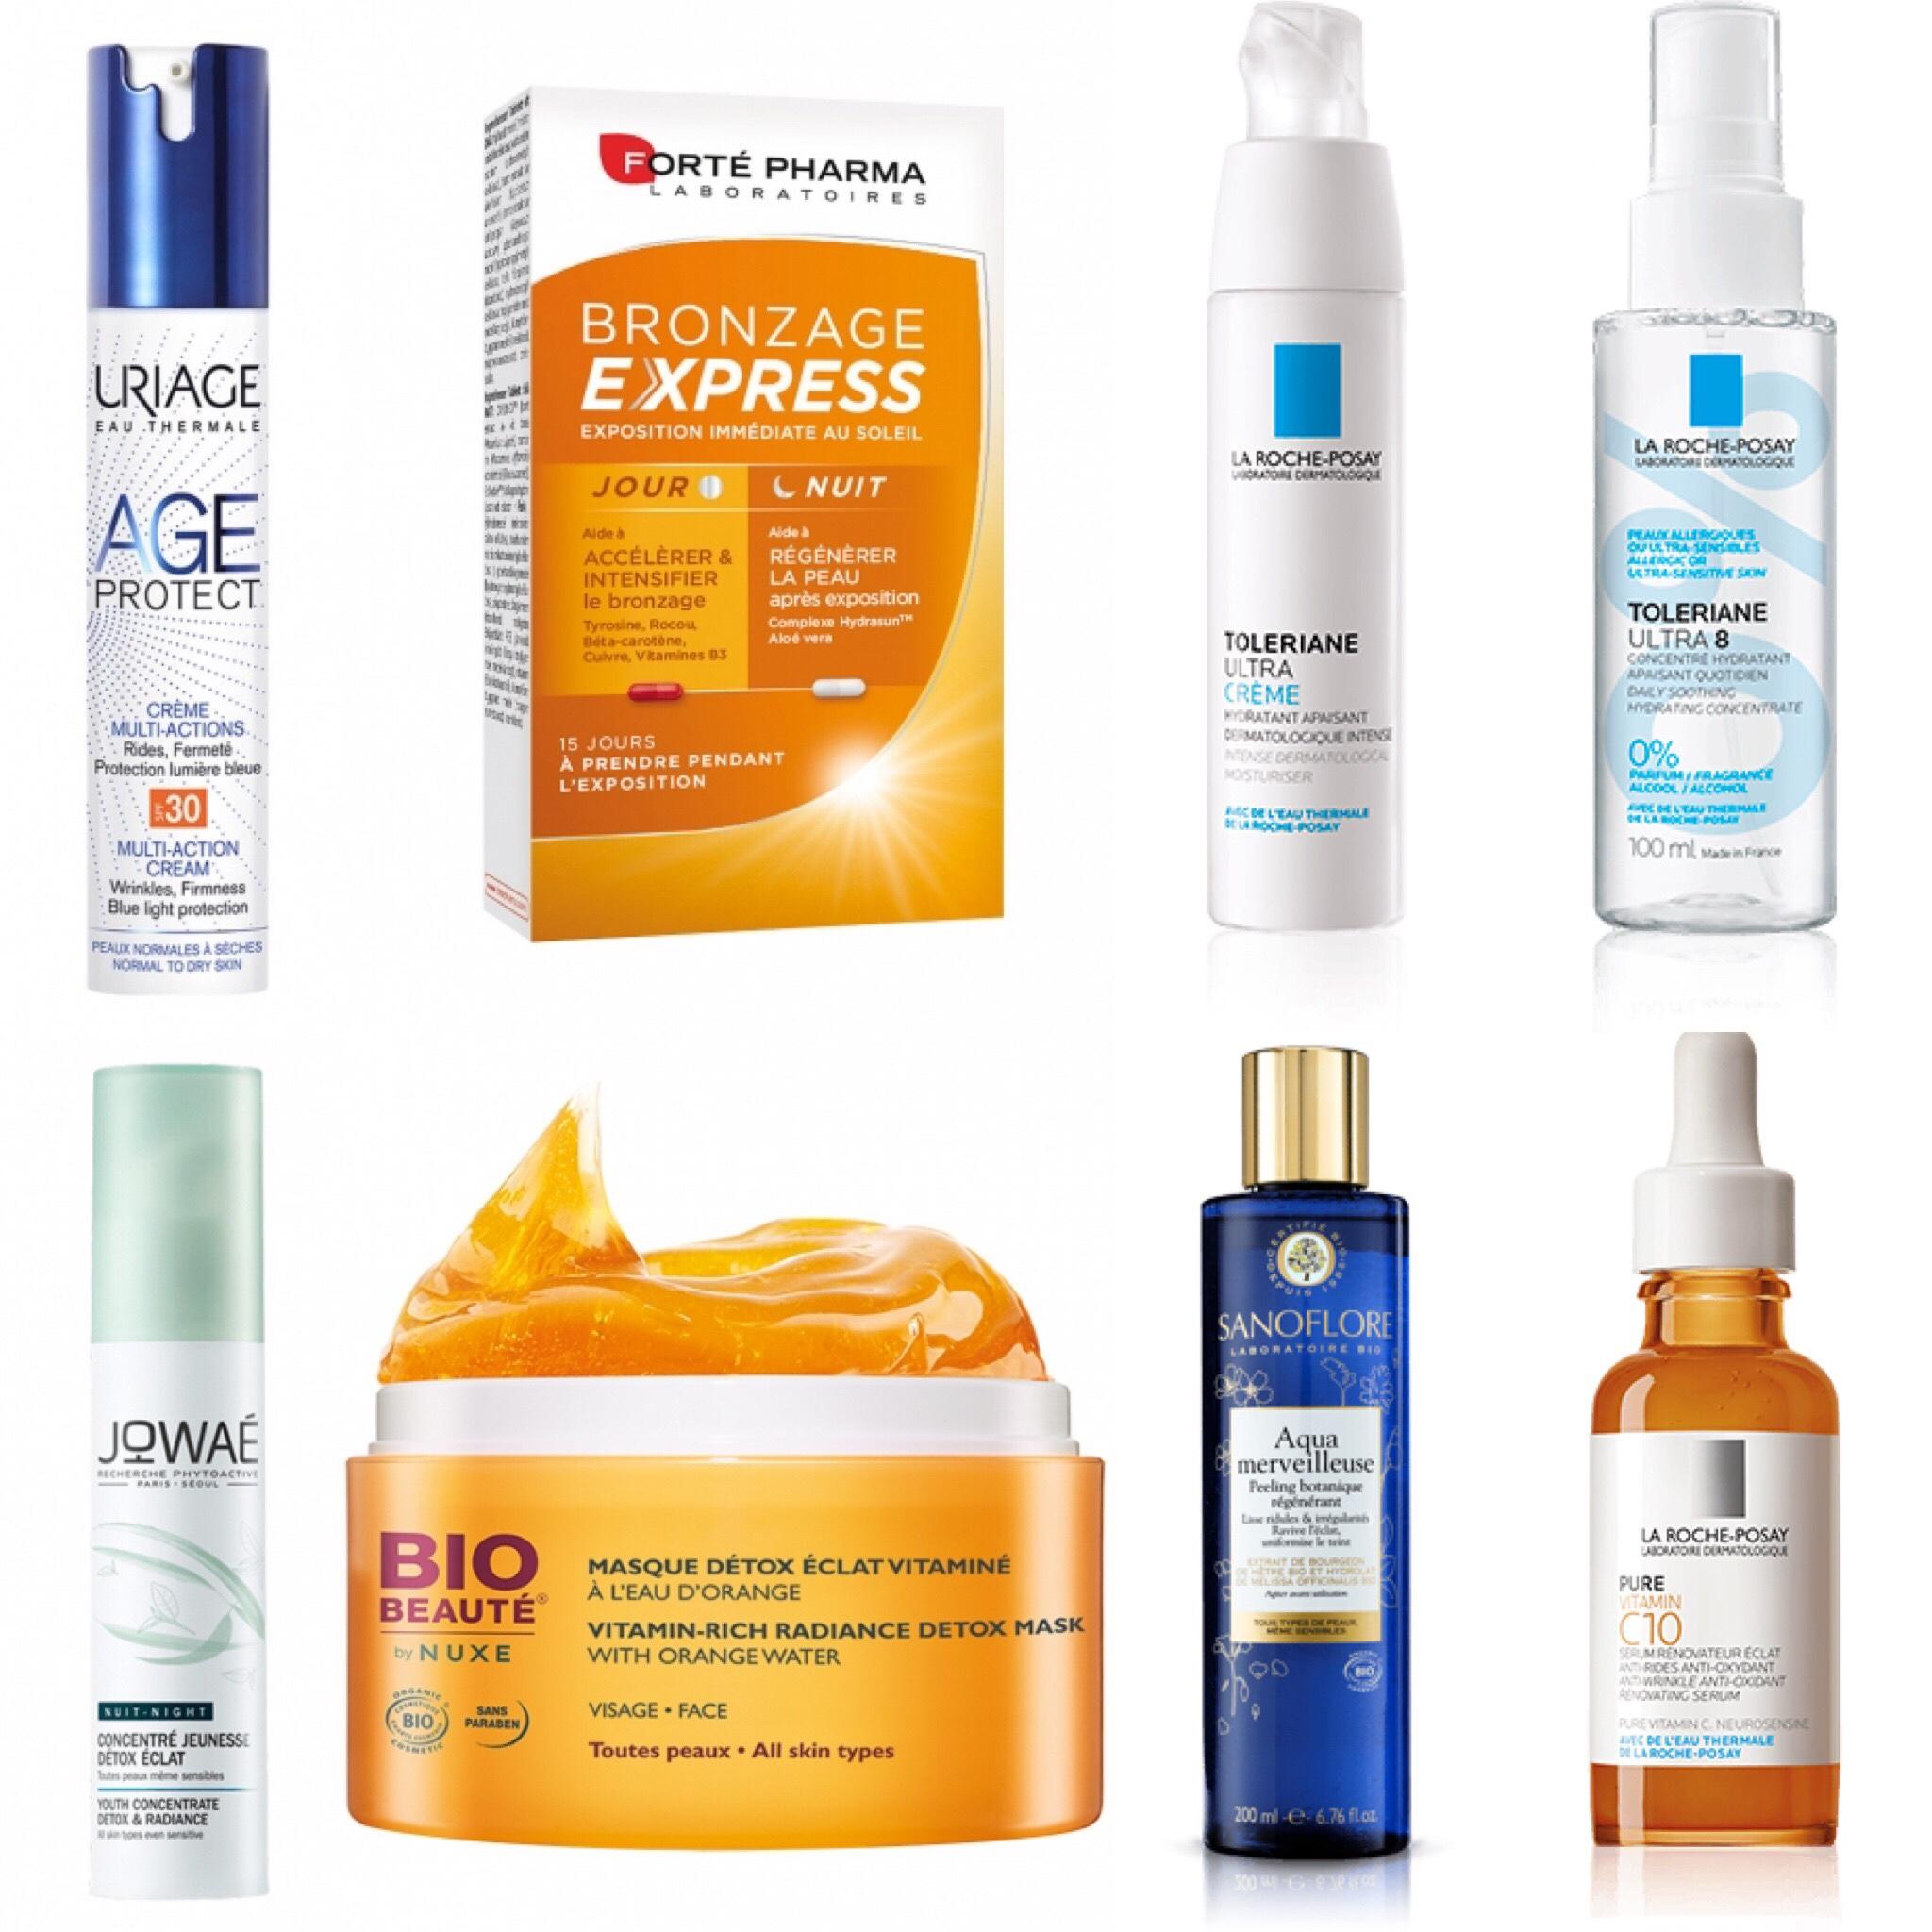 Beauté d'été: quels sont les soins et choses à faire pour préparer sa peau pour l'été?